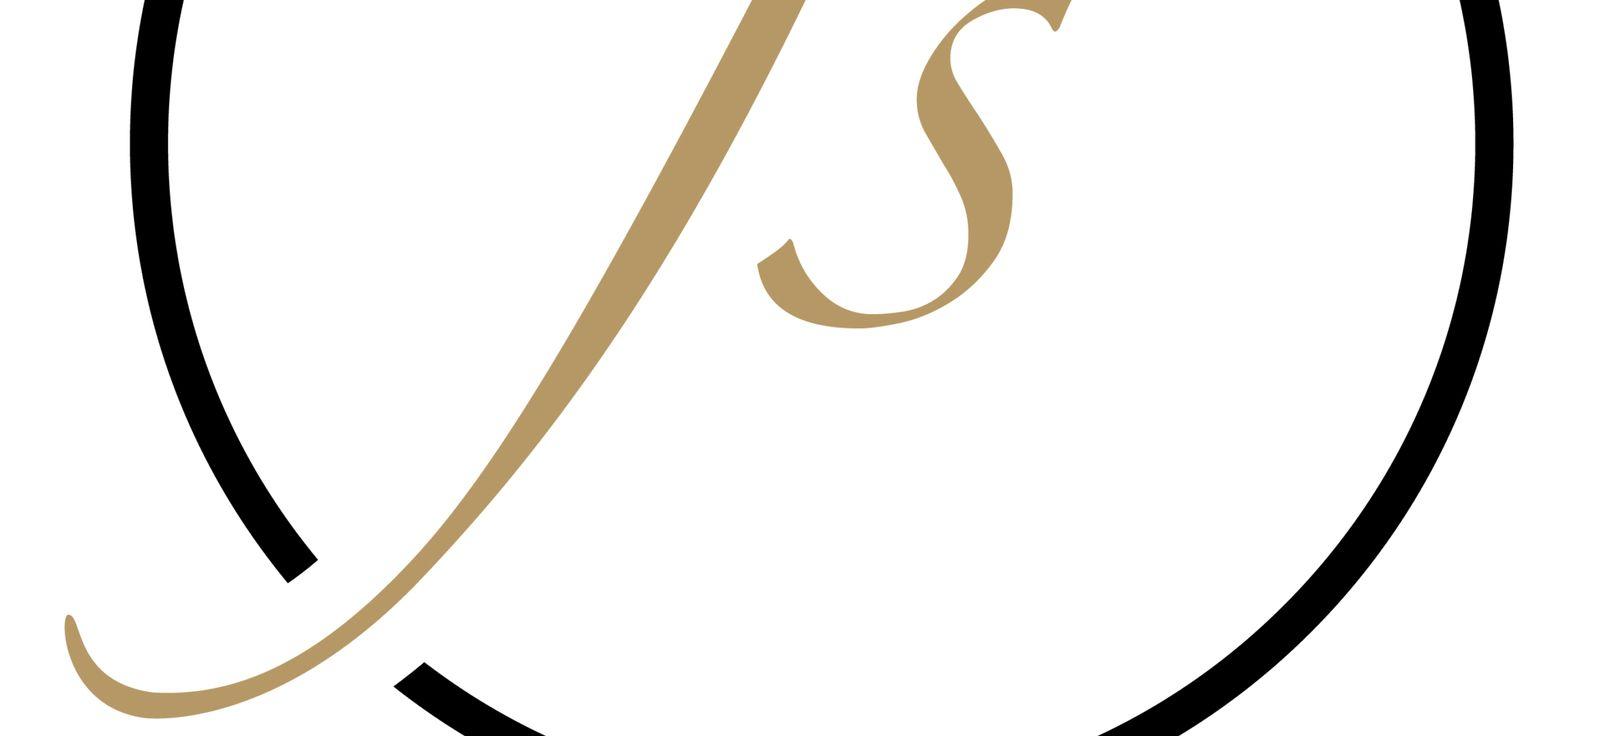 De McIntosh Group heeft Savor Audio overgenomen, de nieuwe naam is Fine Sounds Benelux